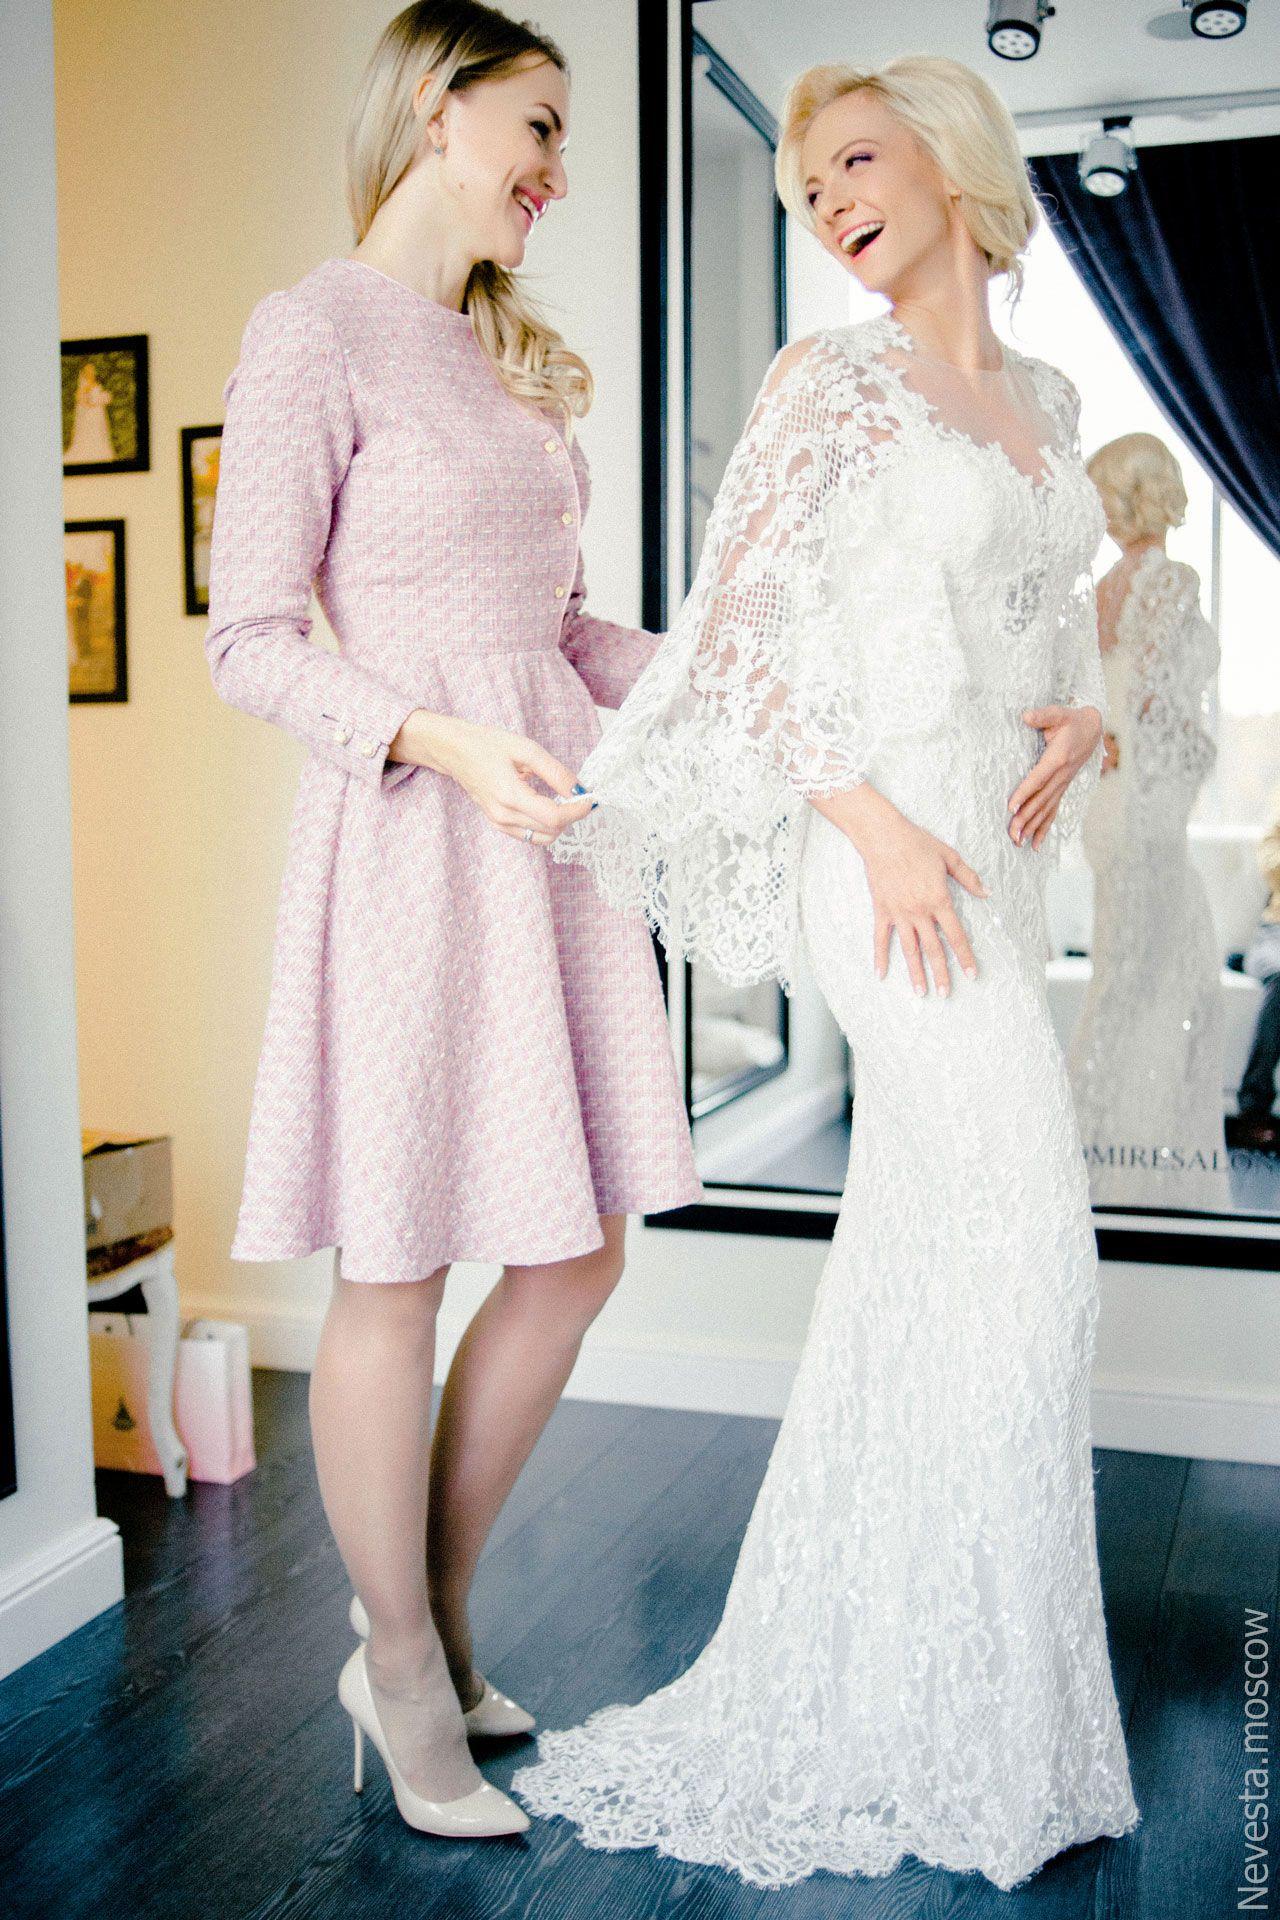 актриса Полина Максимова примеряет свадебное платье